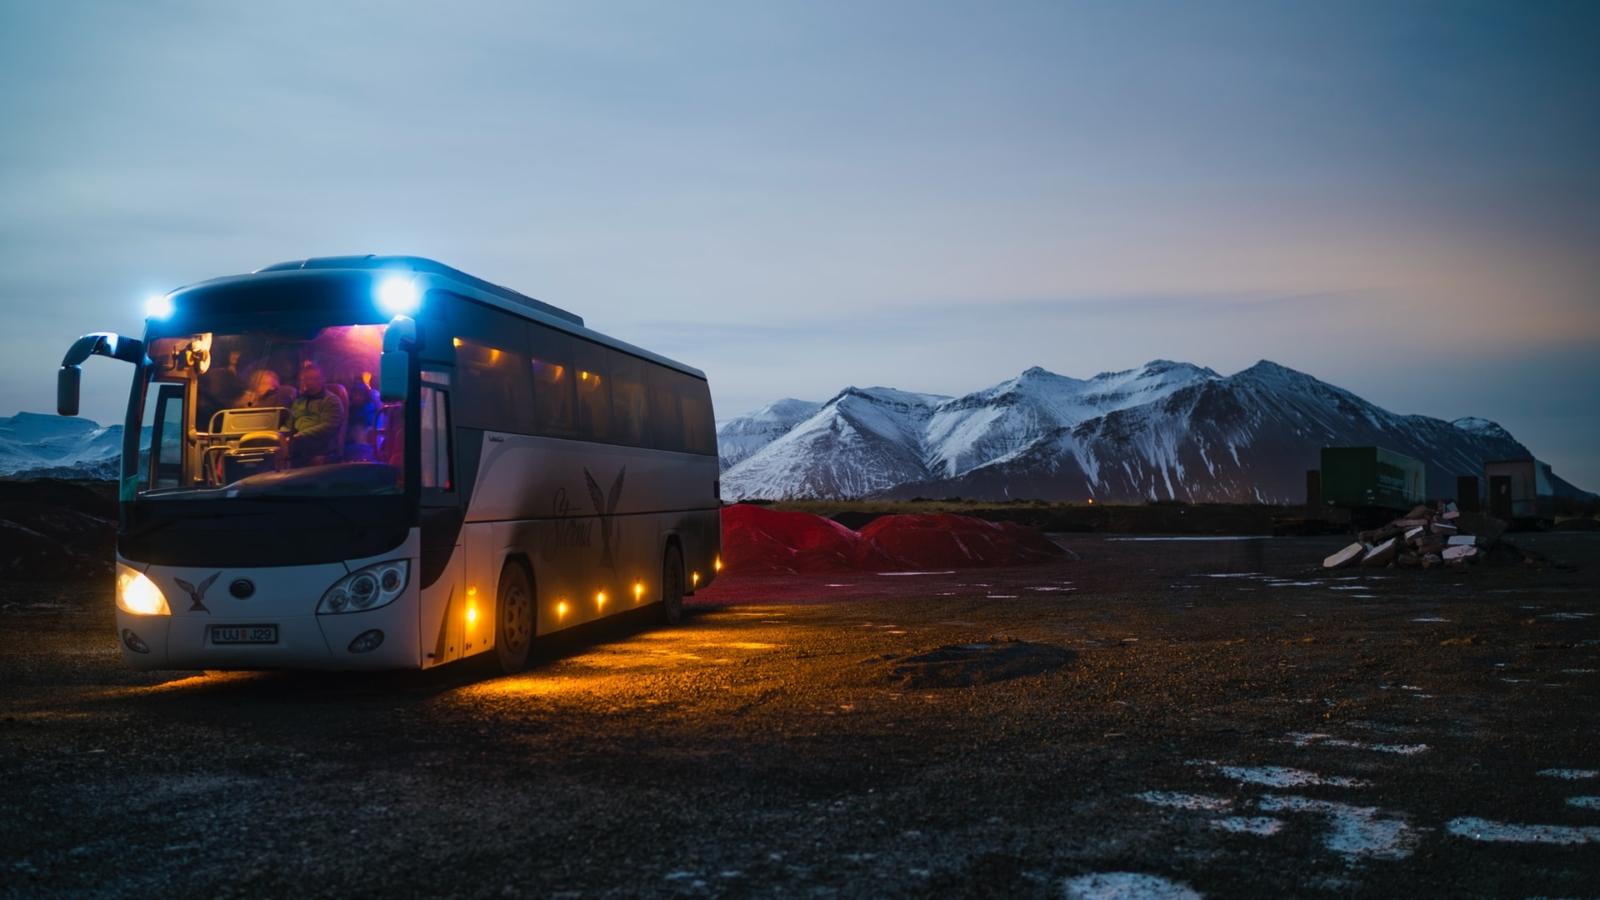 Eine Busreise - was ist das? Alle Infos hier!